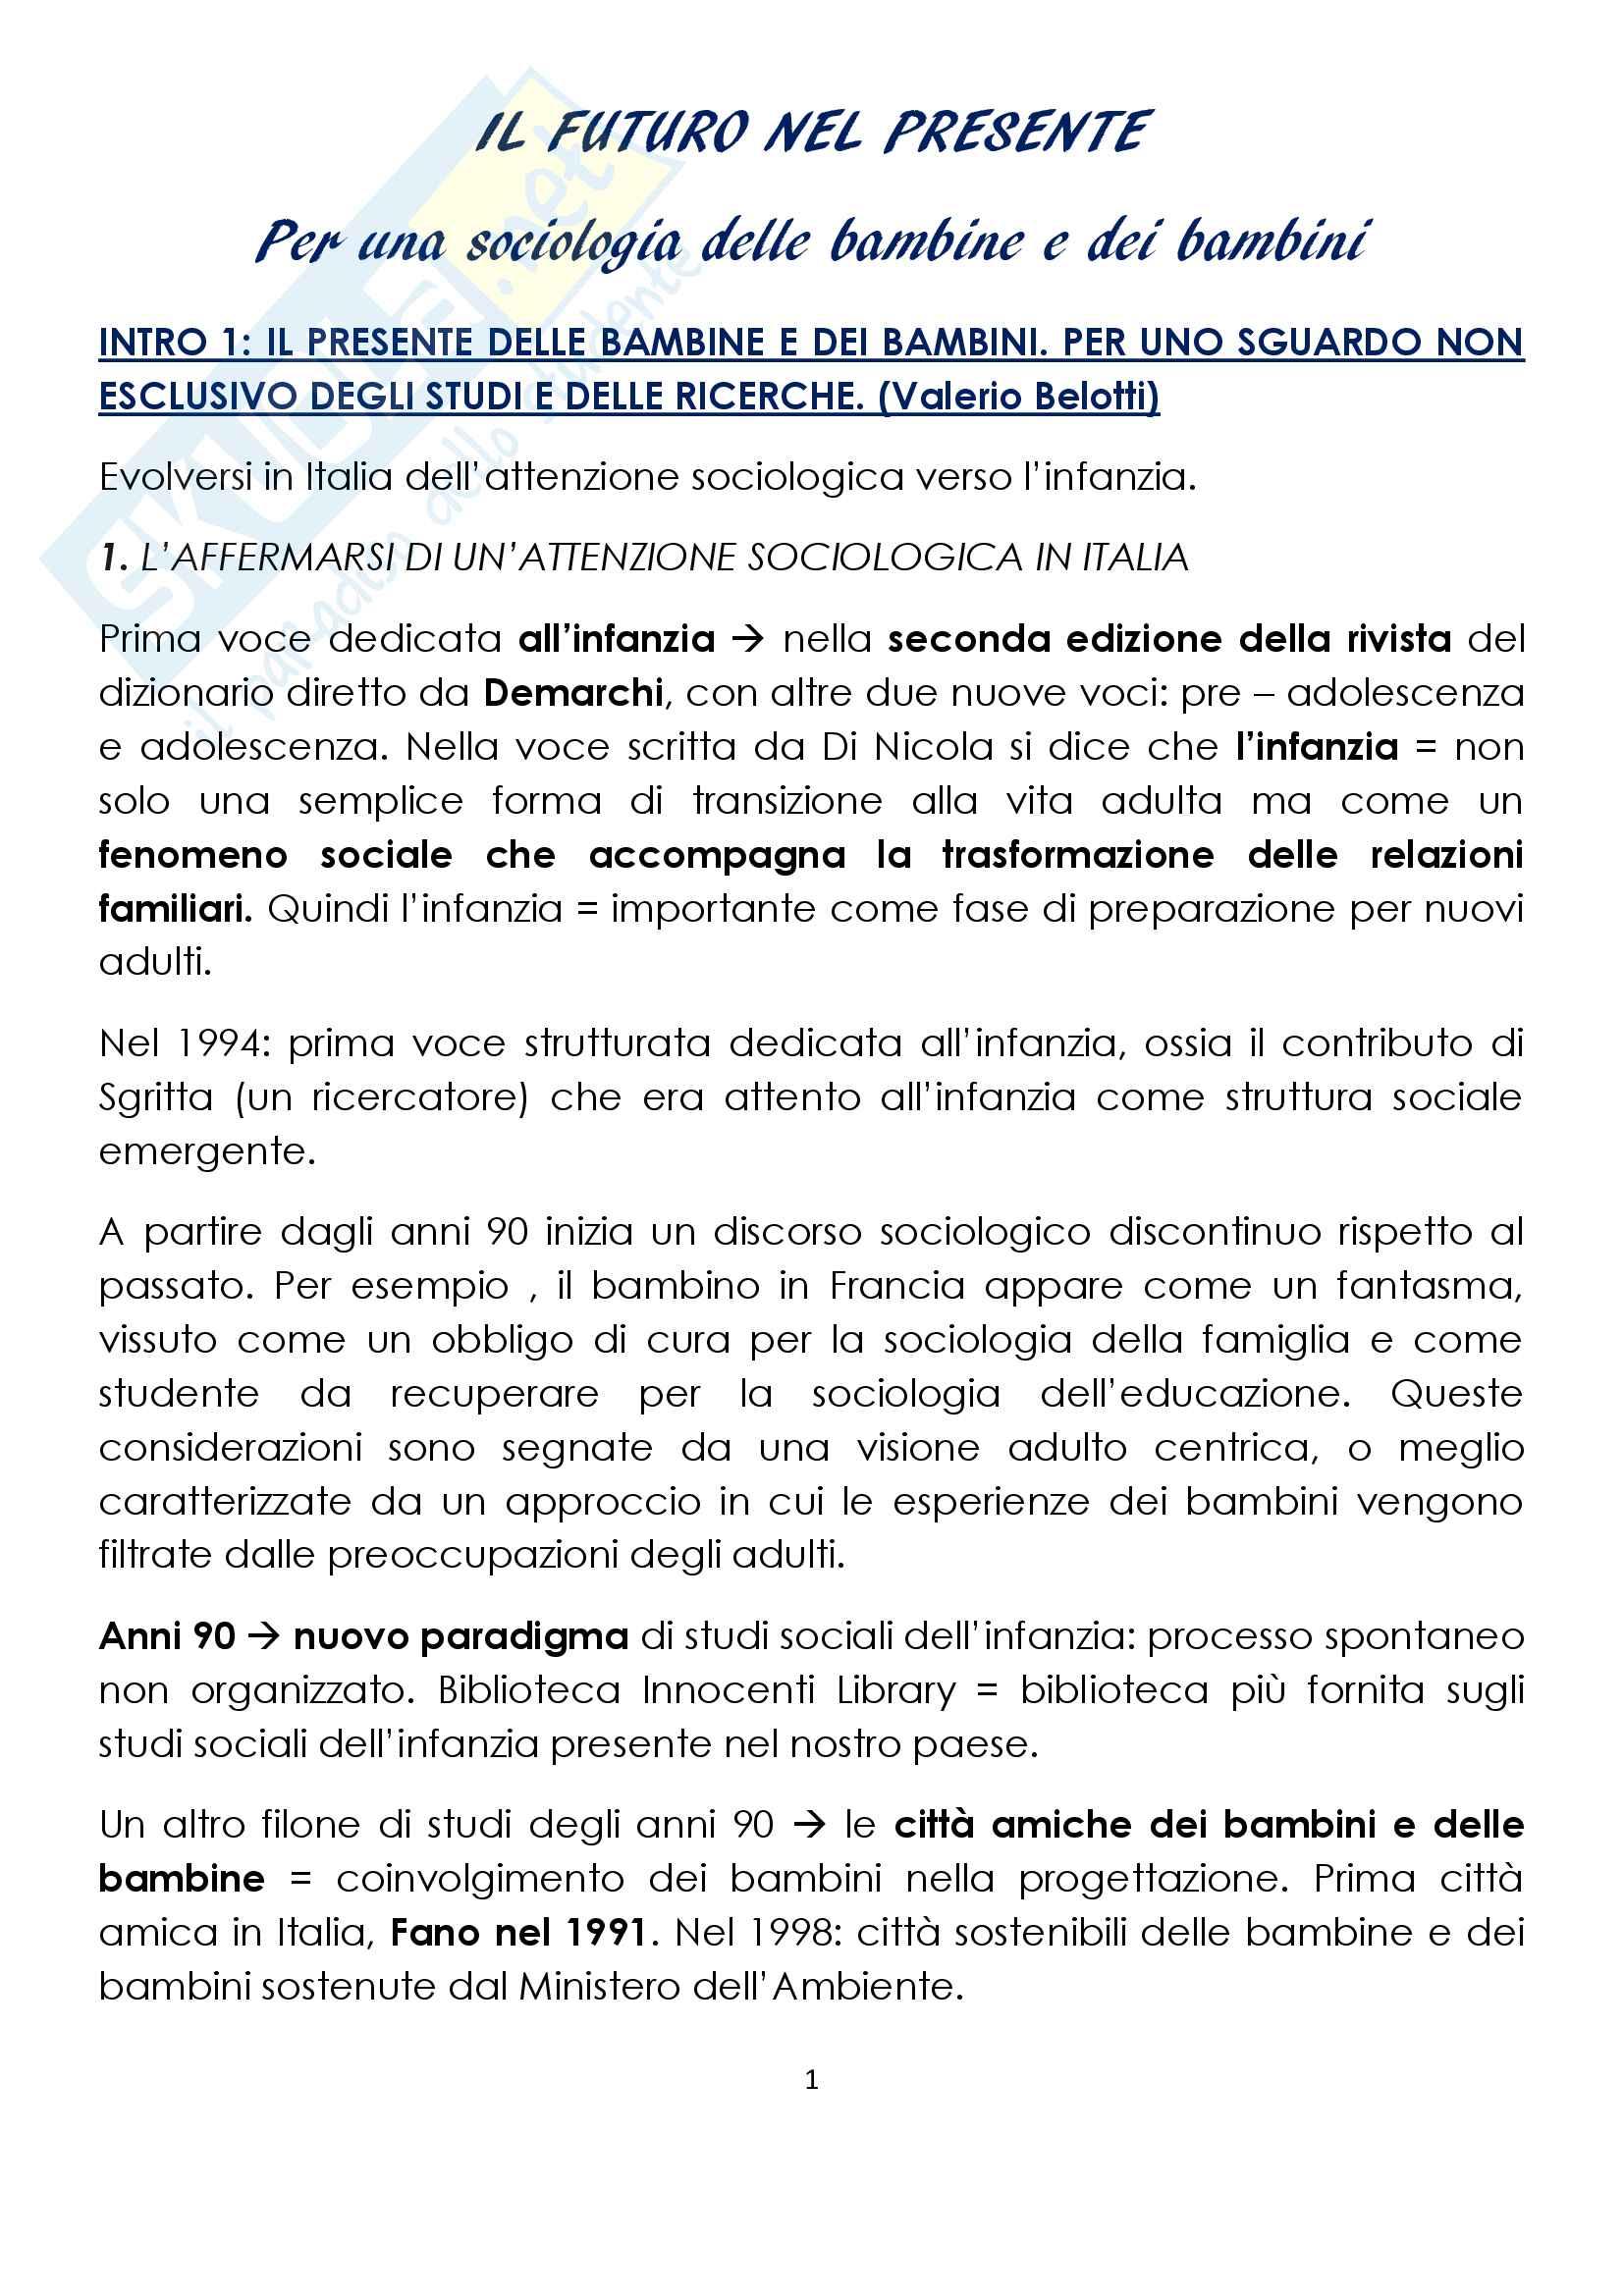 """Sunto di sociologia della famiglia, docente Diego Mesa, libro consigliato """"il futuro nel presente"""", Belotti, La Mendola"""